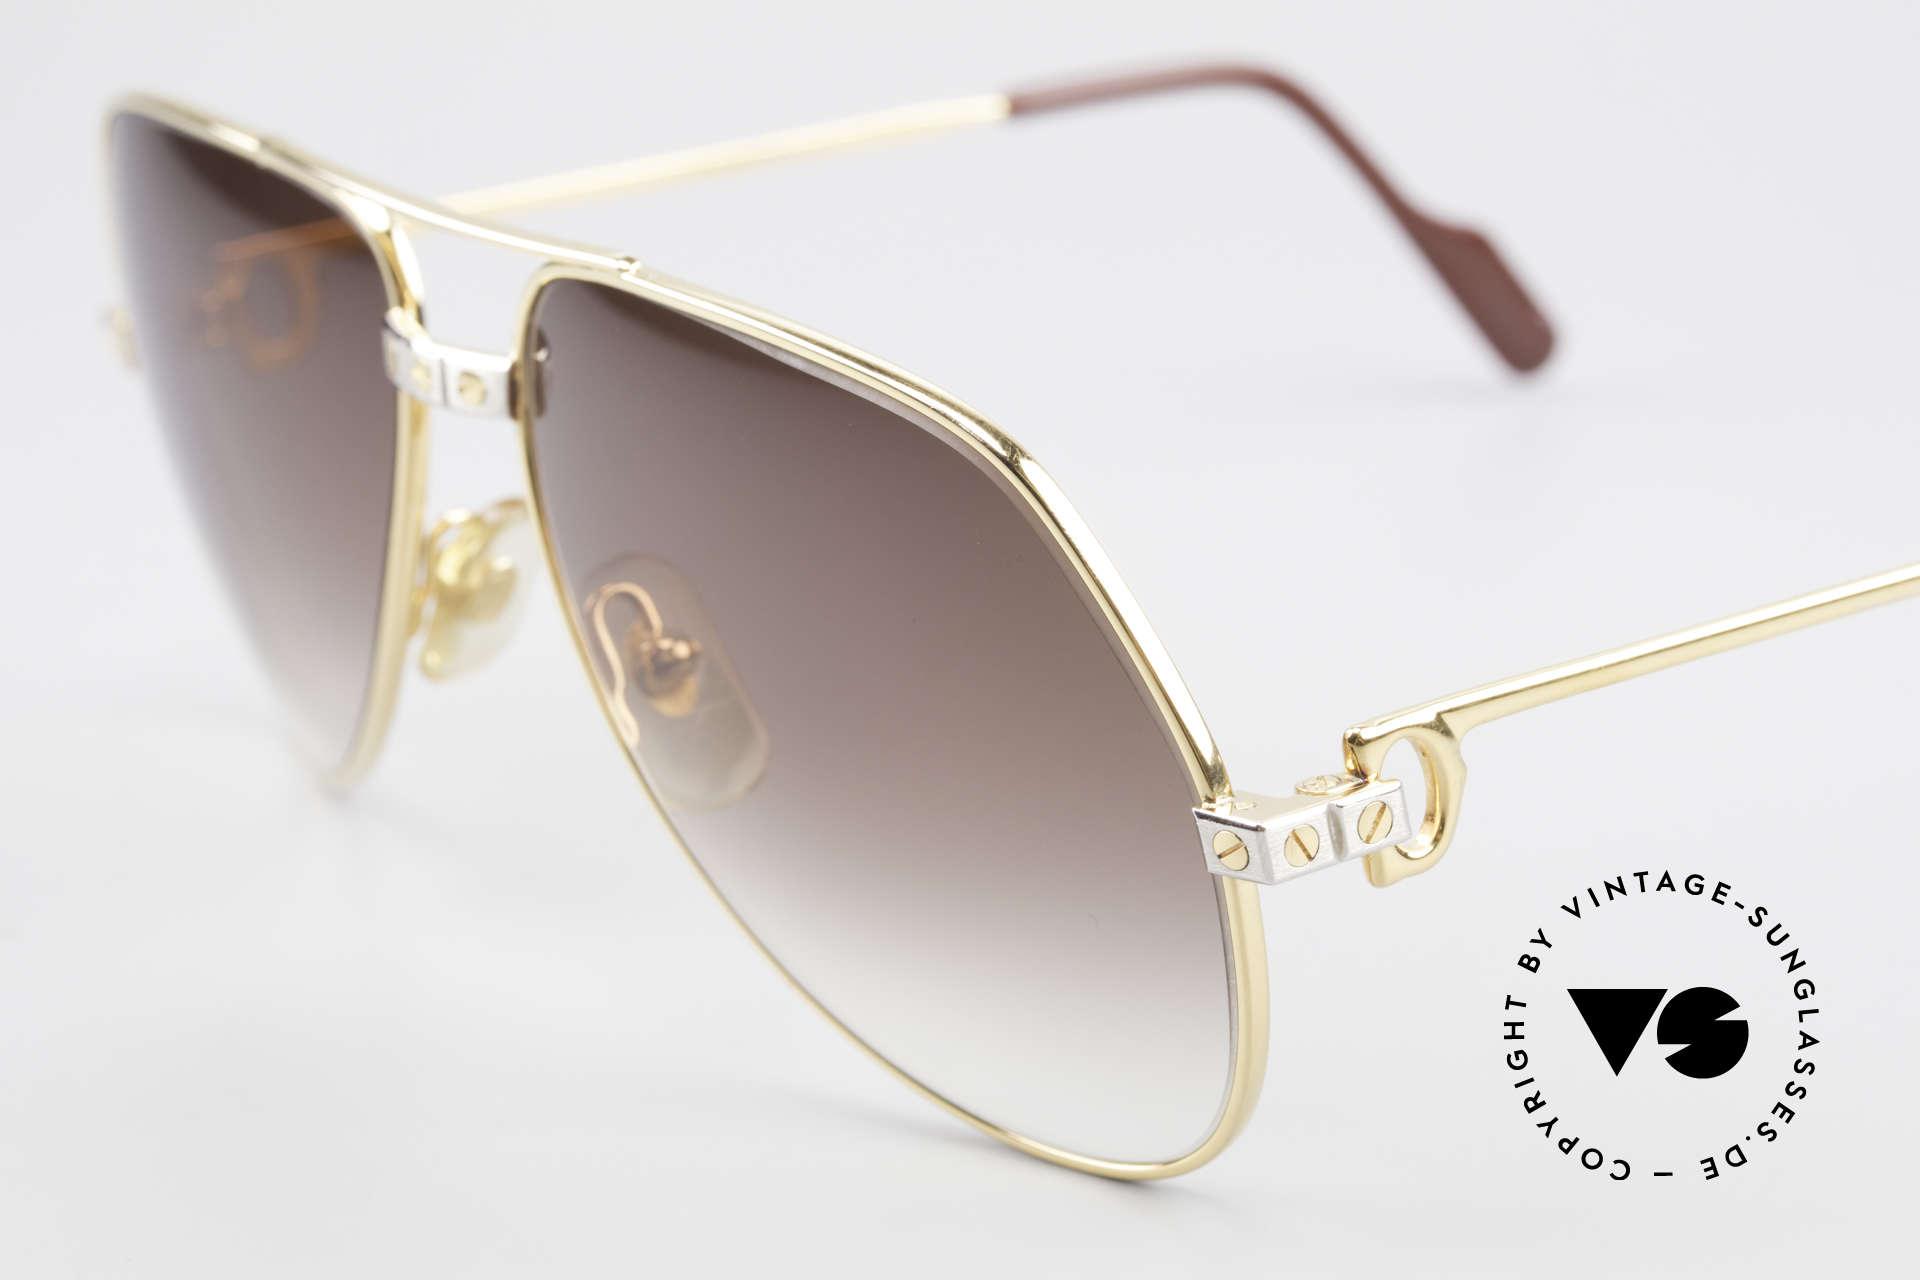 Cartier Vendome Santos - M Luxus Aviator Sonnenbrille, 2.hand in einem großartigen Zustand + Etui von Genta, Passend für Herren und Damen